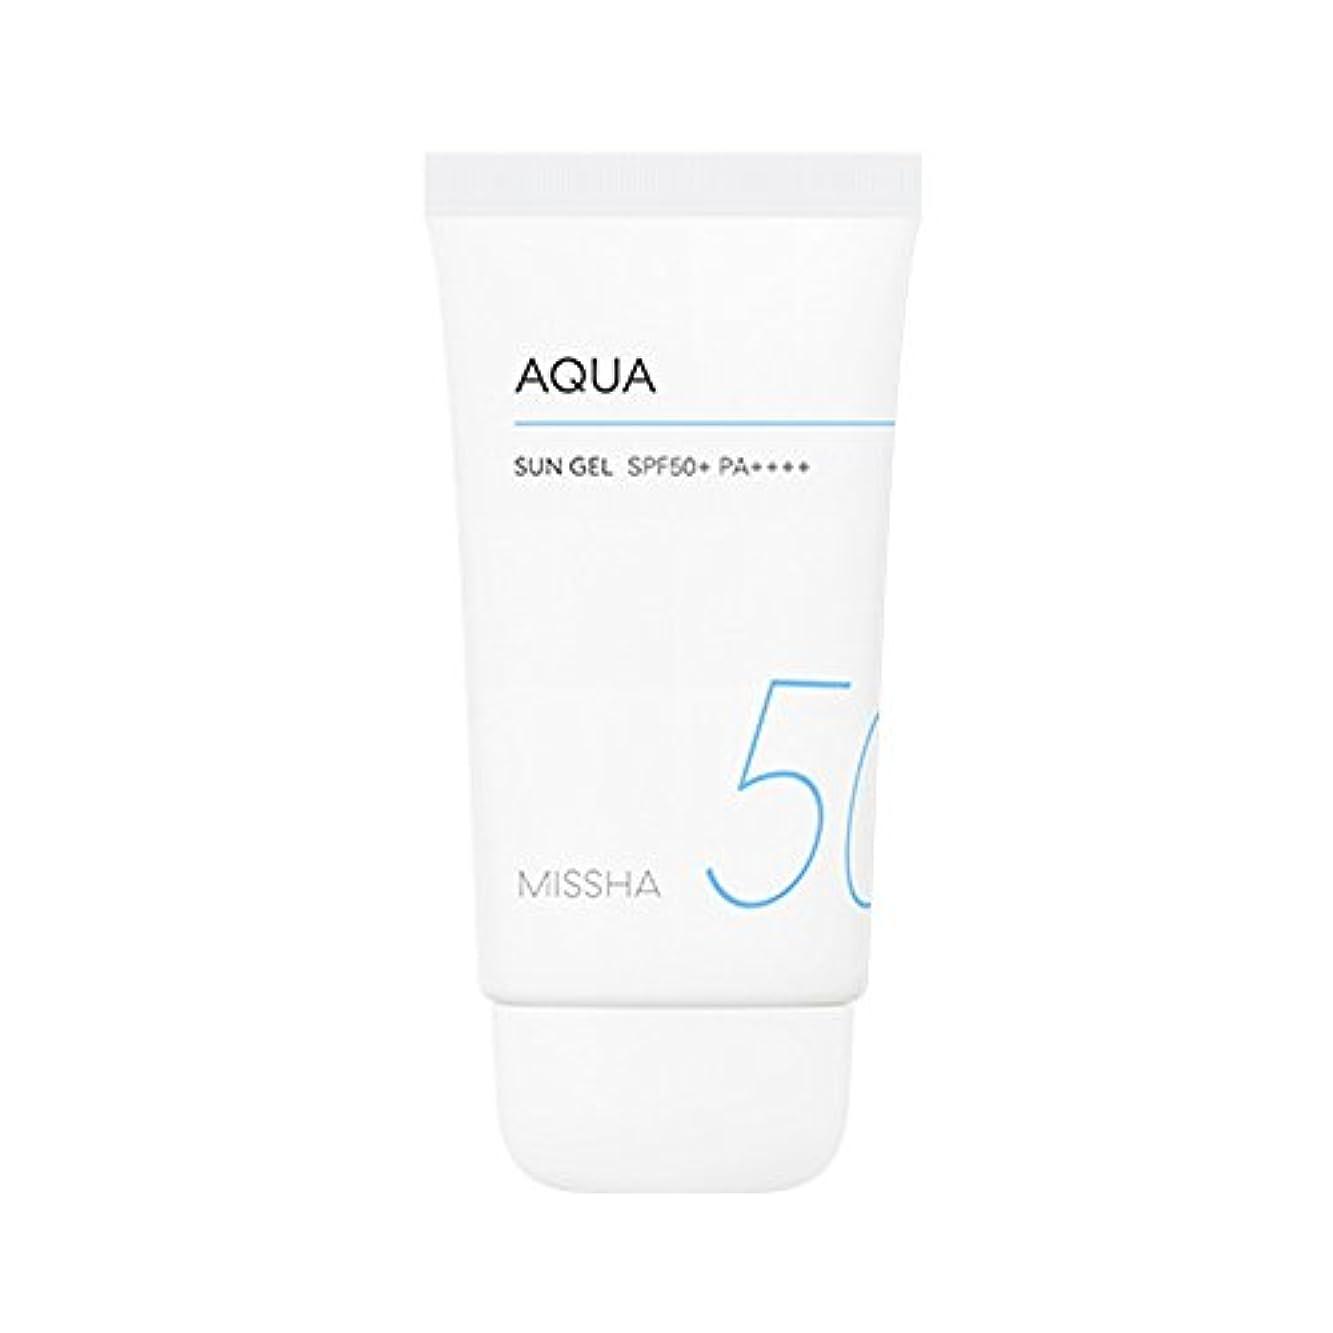 オール麦芽ウイルスMissha All Around Safe Block Aqua Sun Gel SPF50+ PA++++ 50ml ミシャ オール アラウンド セーフ ブロック アクア サン ジェル 50ml [並行輸入品]